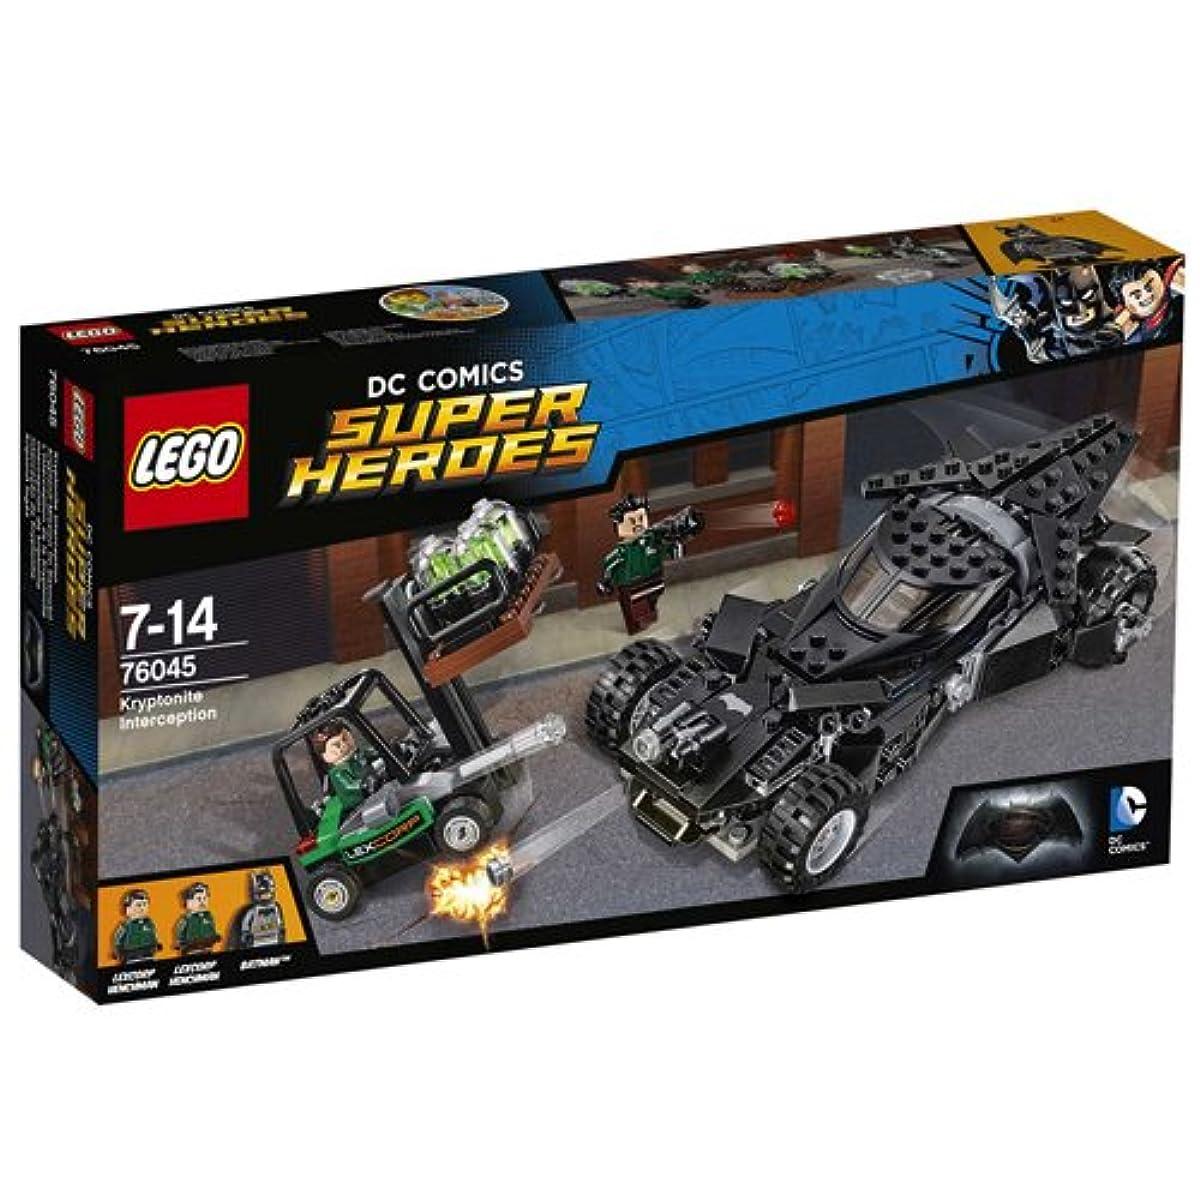 [해외] 레고 (LEGO) 슈퍼히어로즈 크립토나이트의 요격 76045-76045 (2016-01-15)